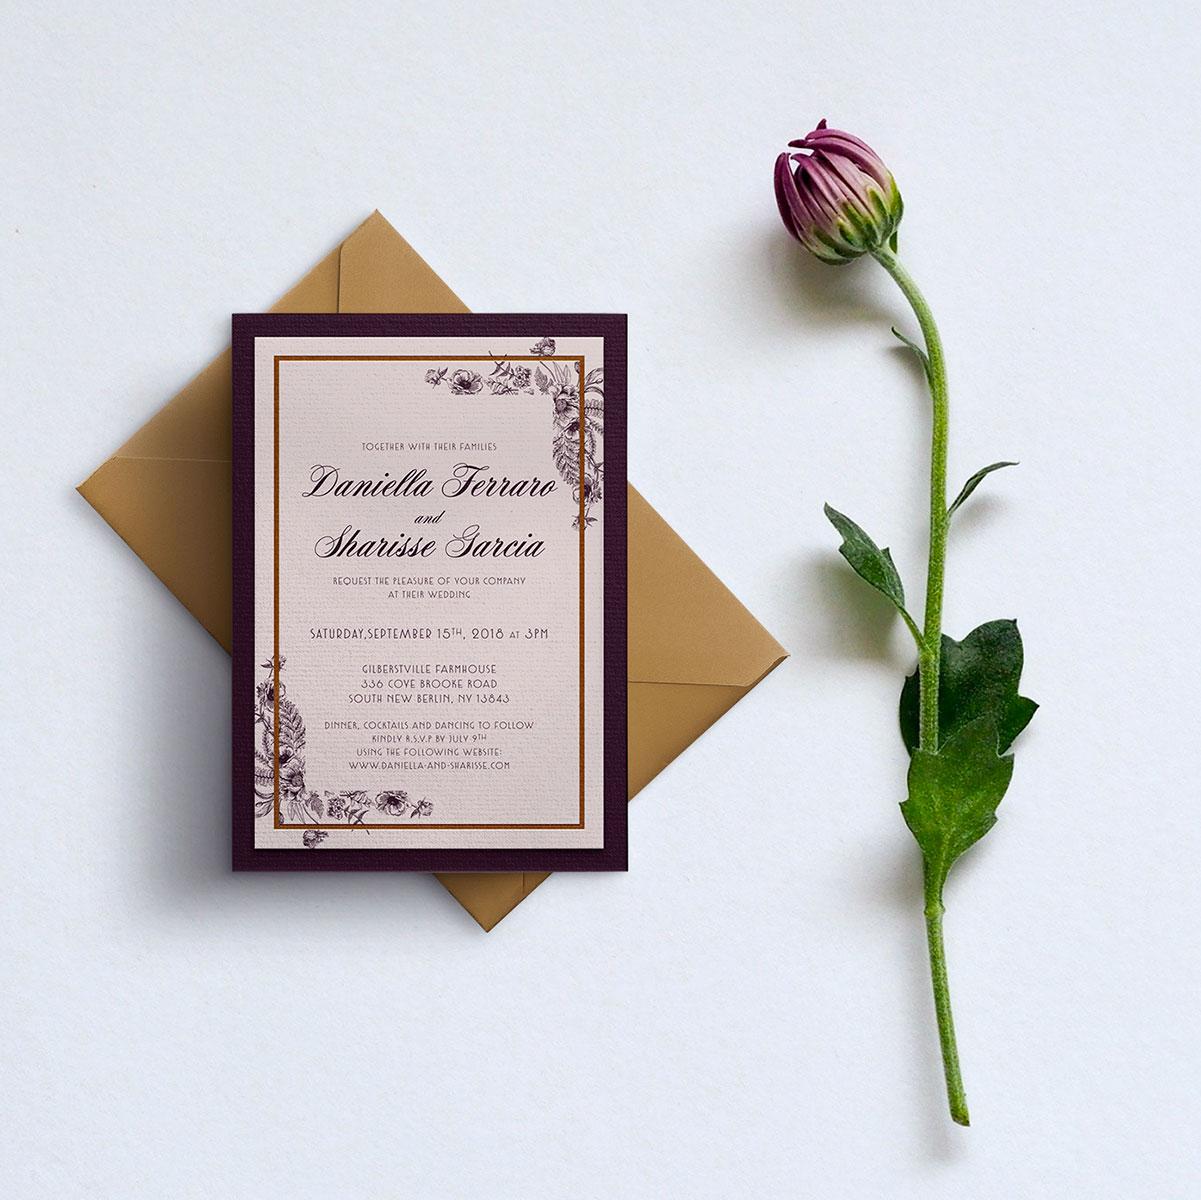 jasmin-plouffe-designer-invitation-01b.jpg